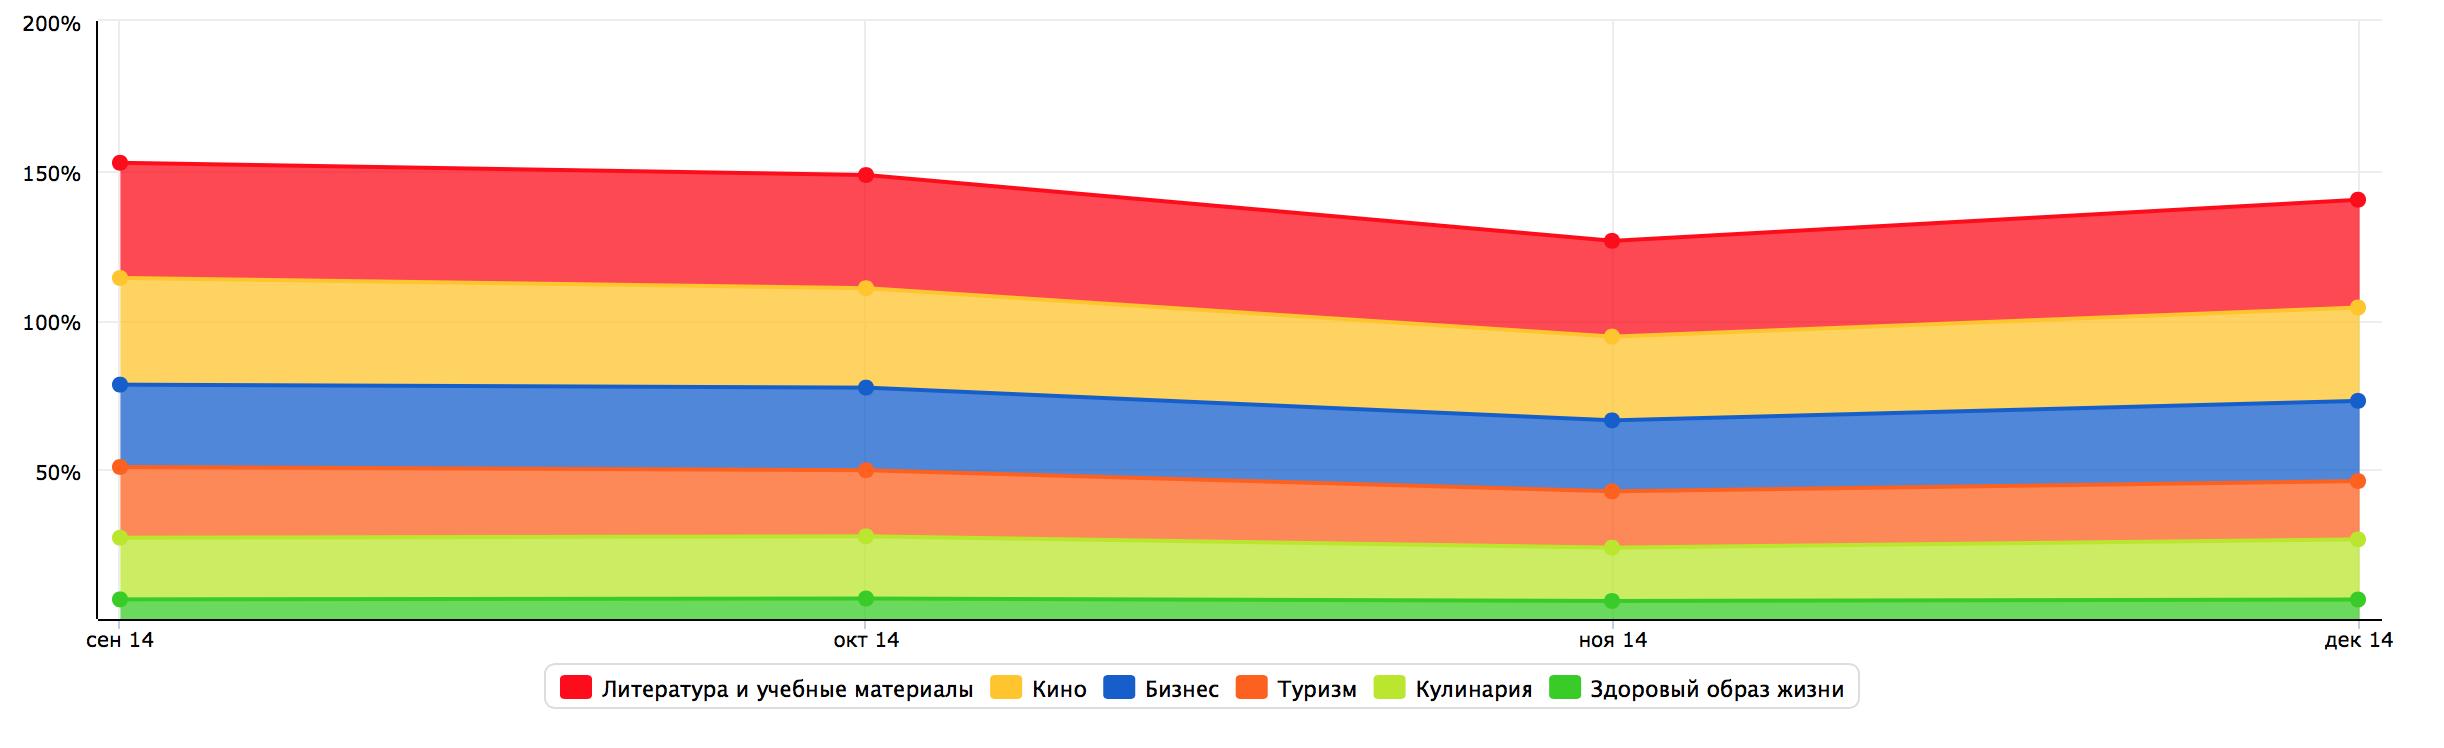 Коммерческие интересы аудитории Relax.com.ua